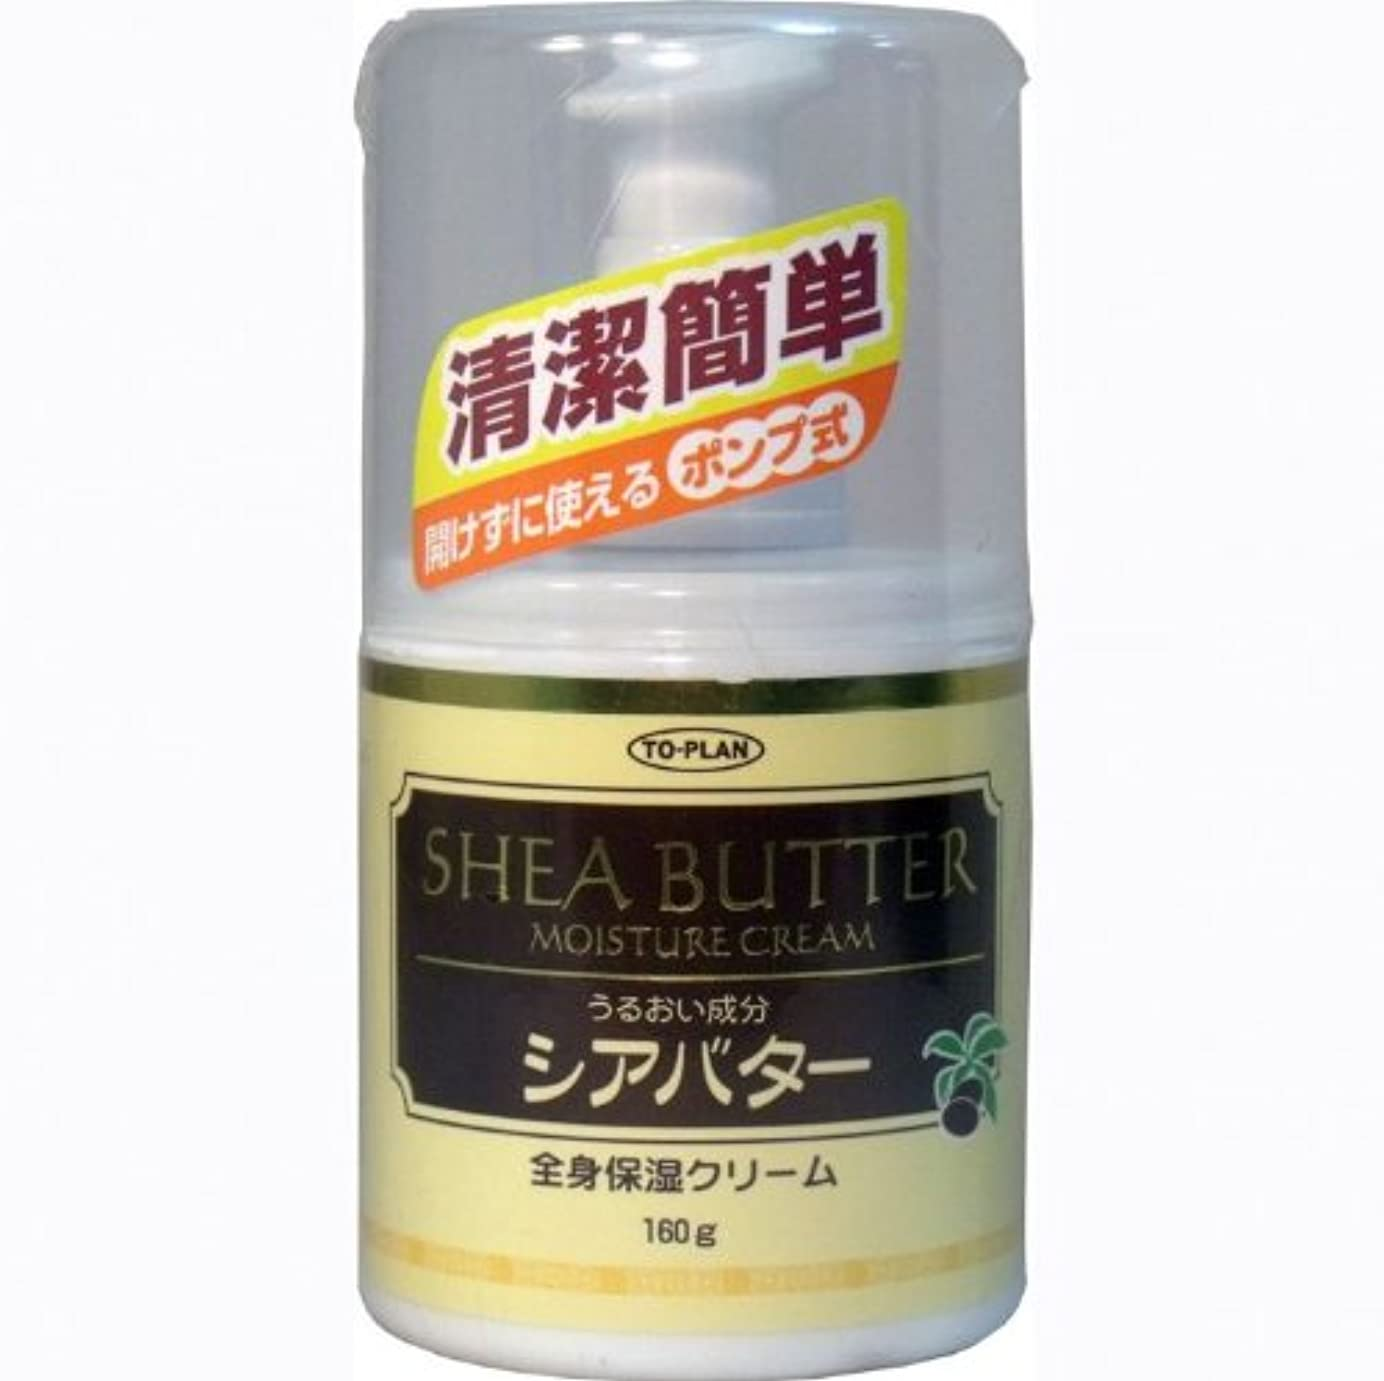 かき混ぜるぬいぐるみ政策トプラン 全身保湿クリーム シアバター ポンプ式 160g【4個セット】